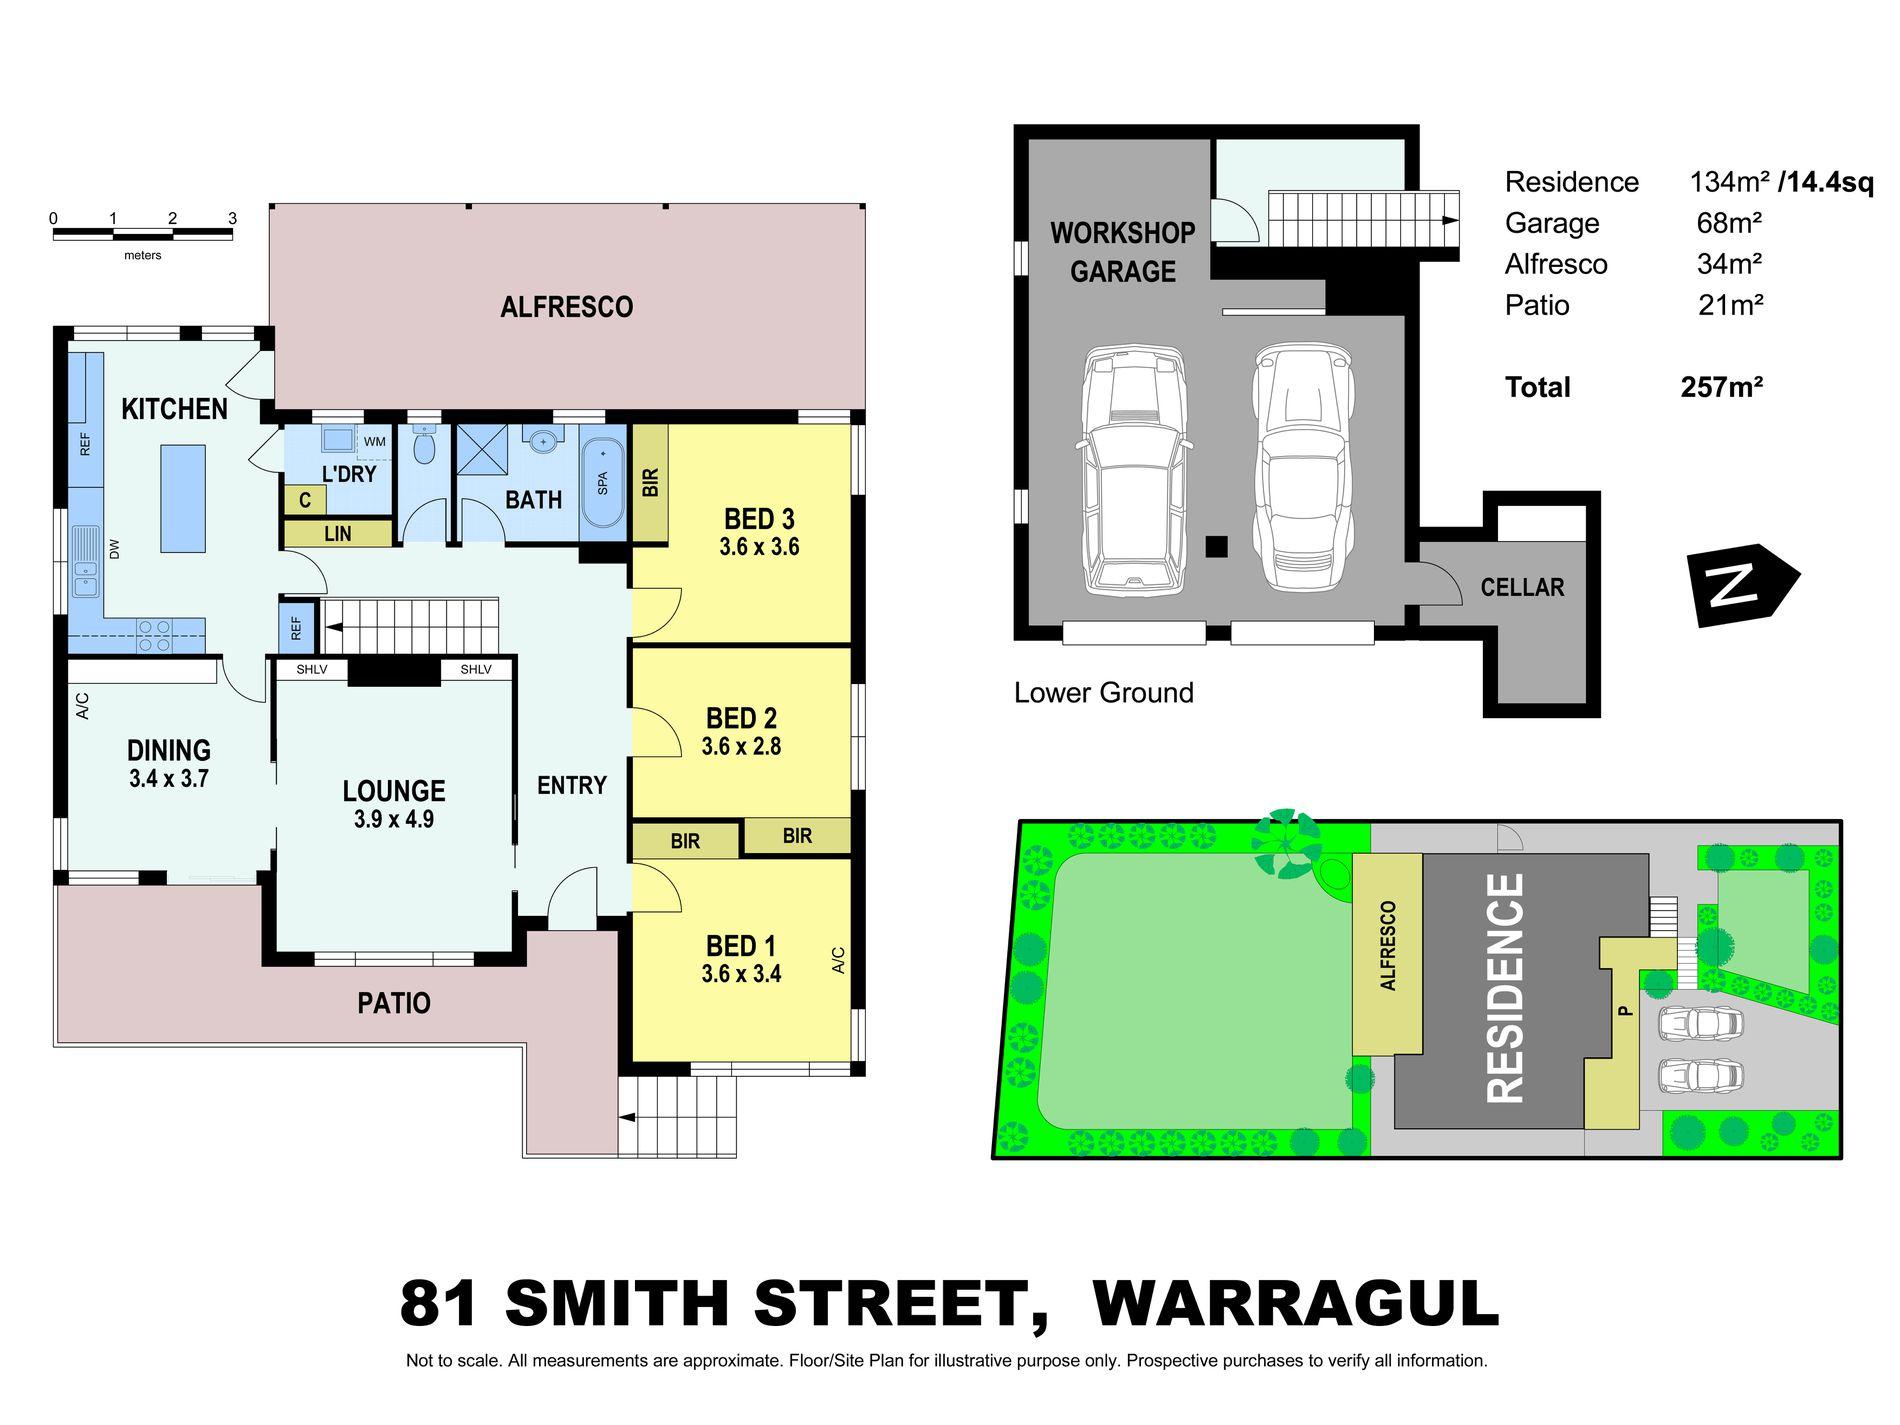 81 Smith Street, Warragul